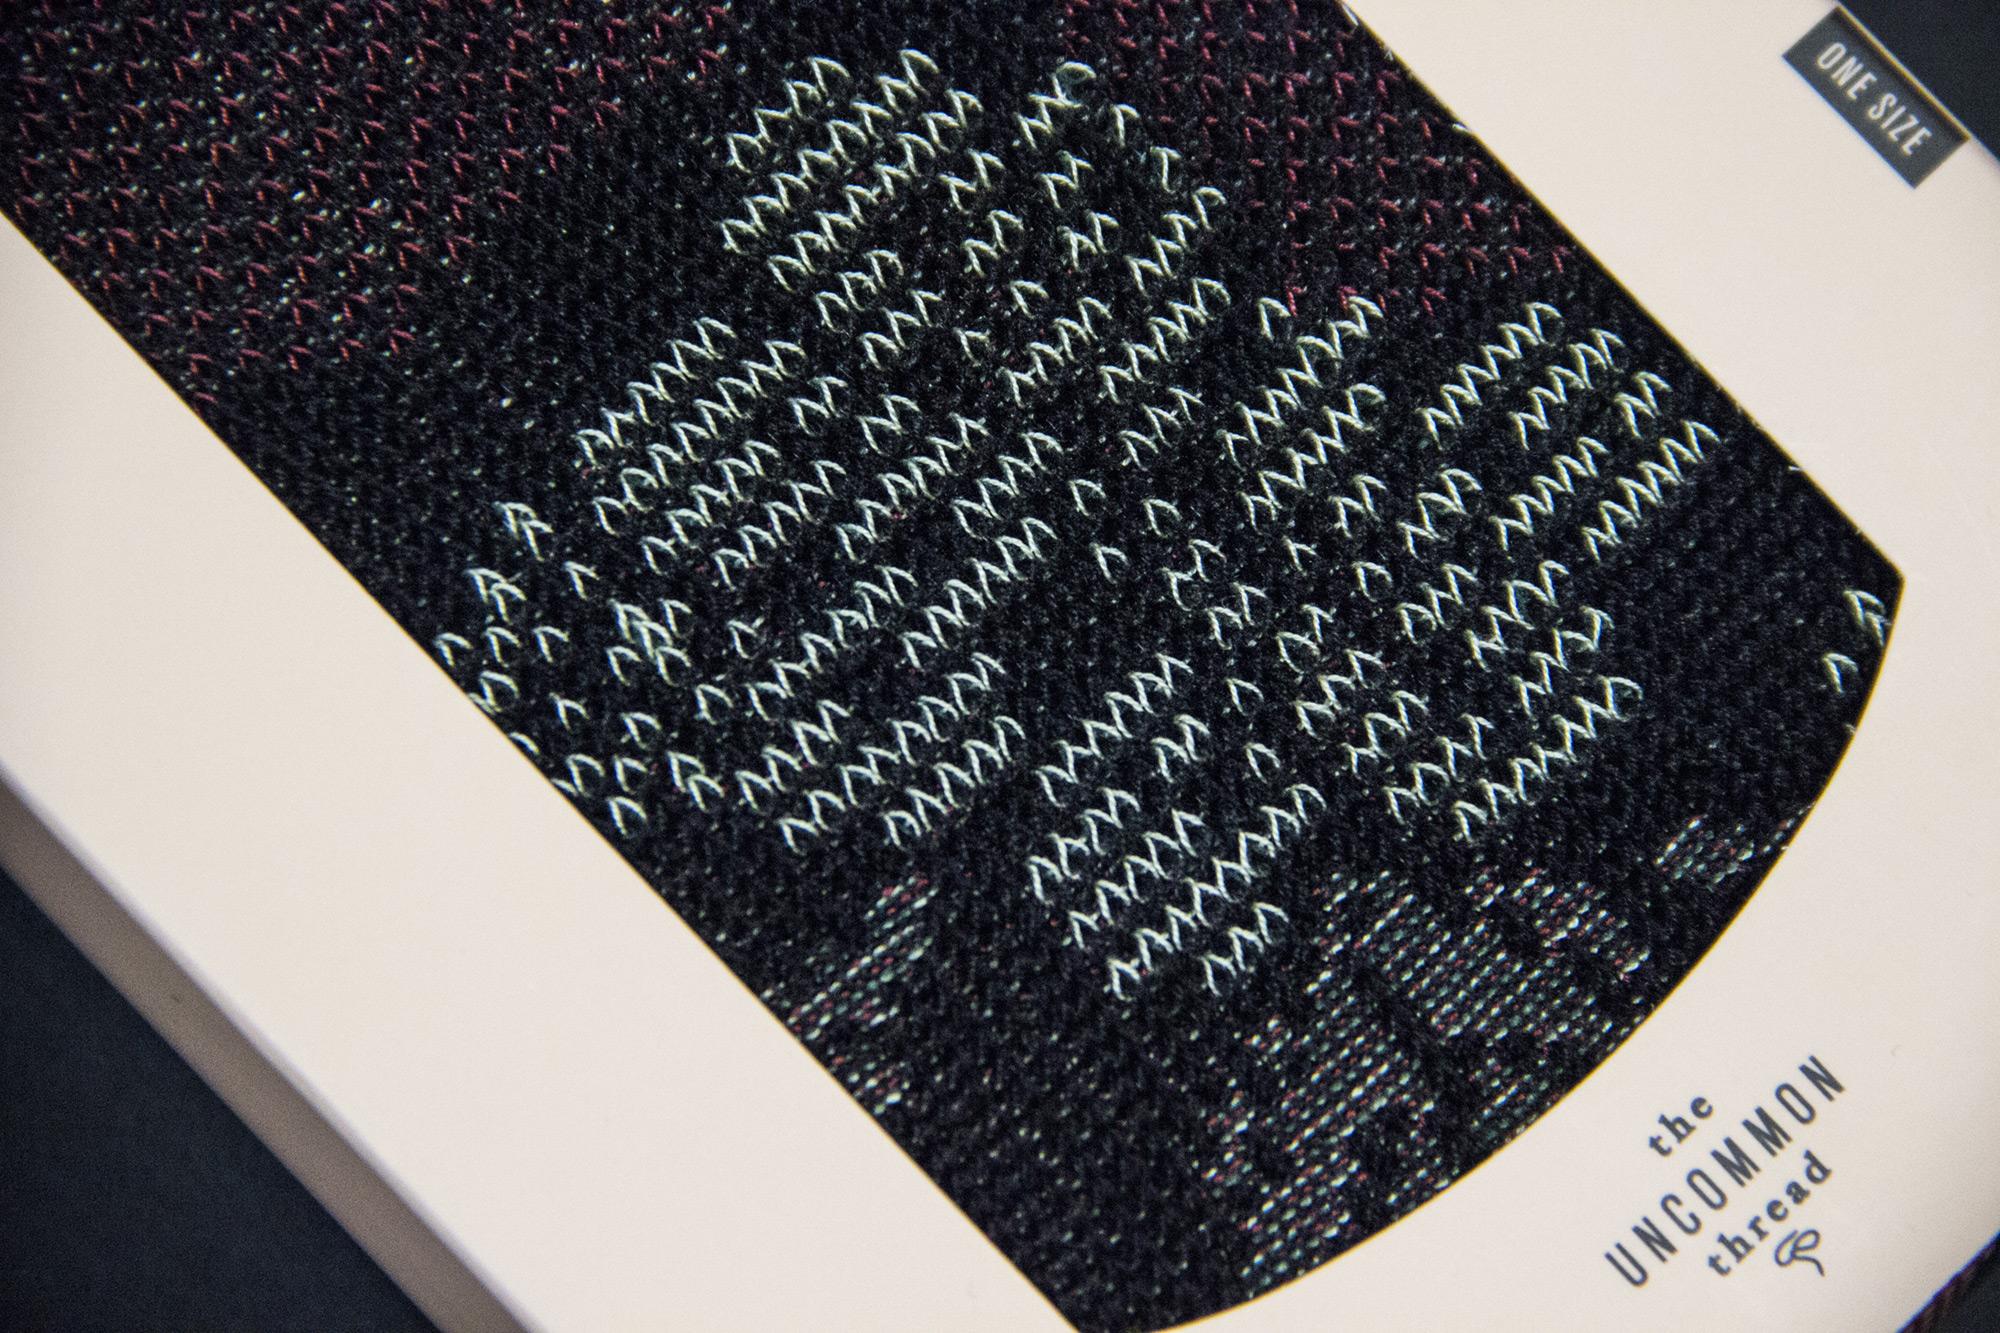 Обзор чулок и гольфин из коллаборации Stance x Rihanna